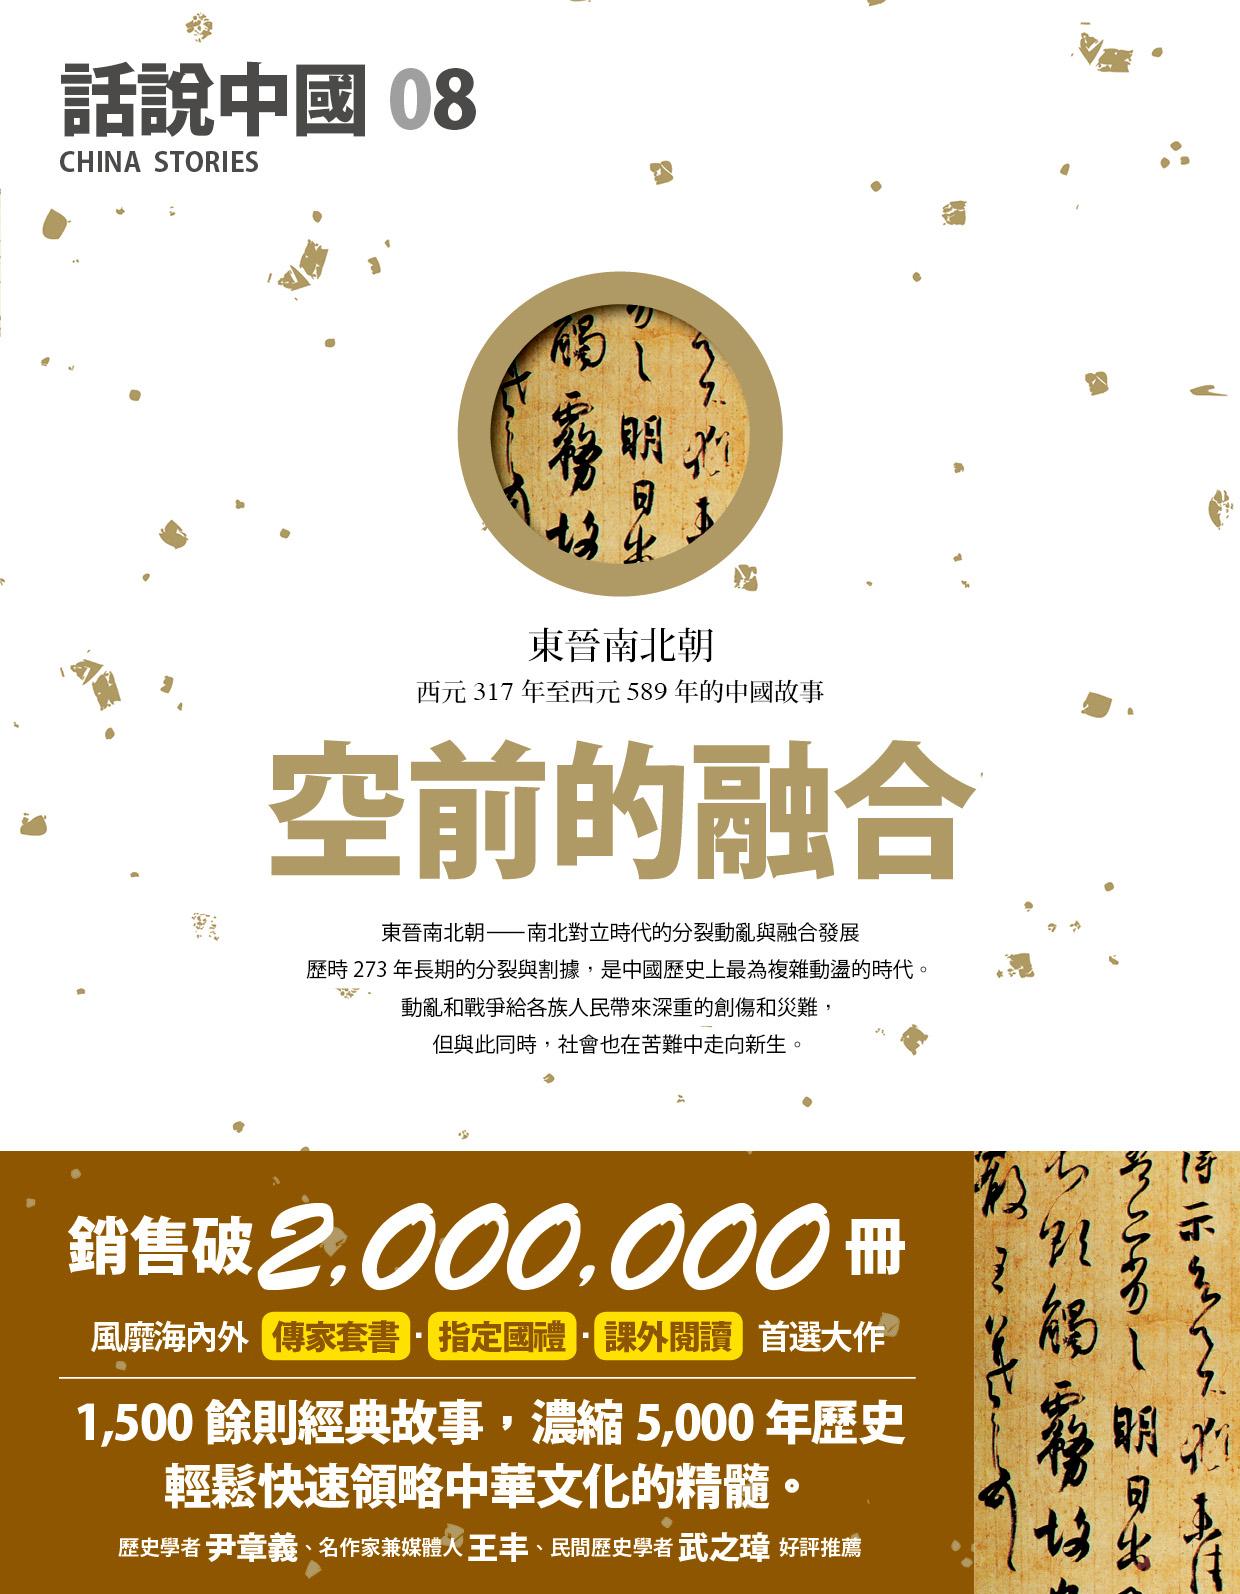 龍圖騰文化BLOG: 這才是「大歷史」!金石堂網路書店舉辦龍圖騰「大歷史」書展